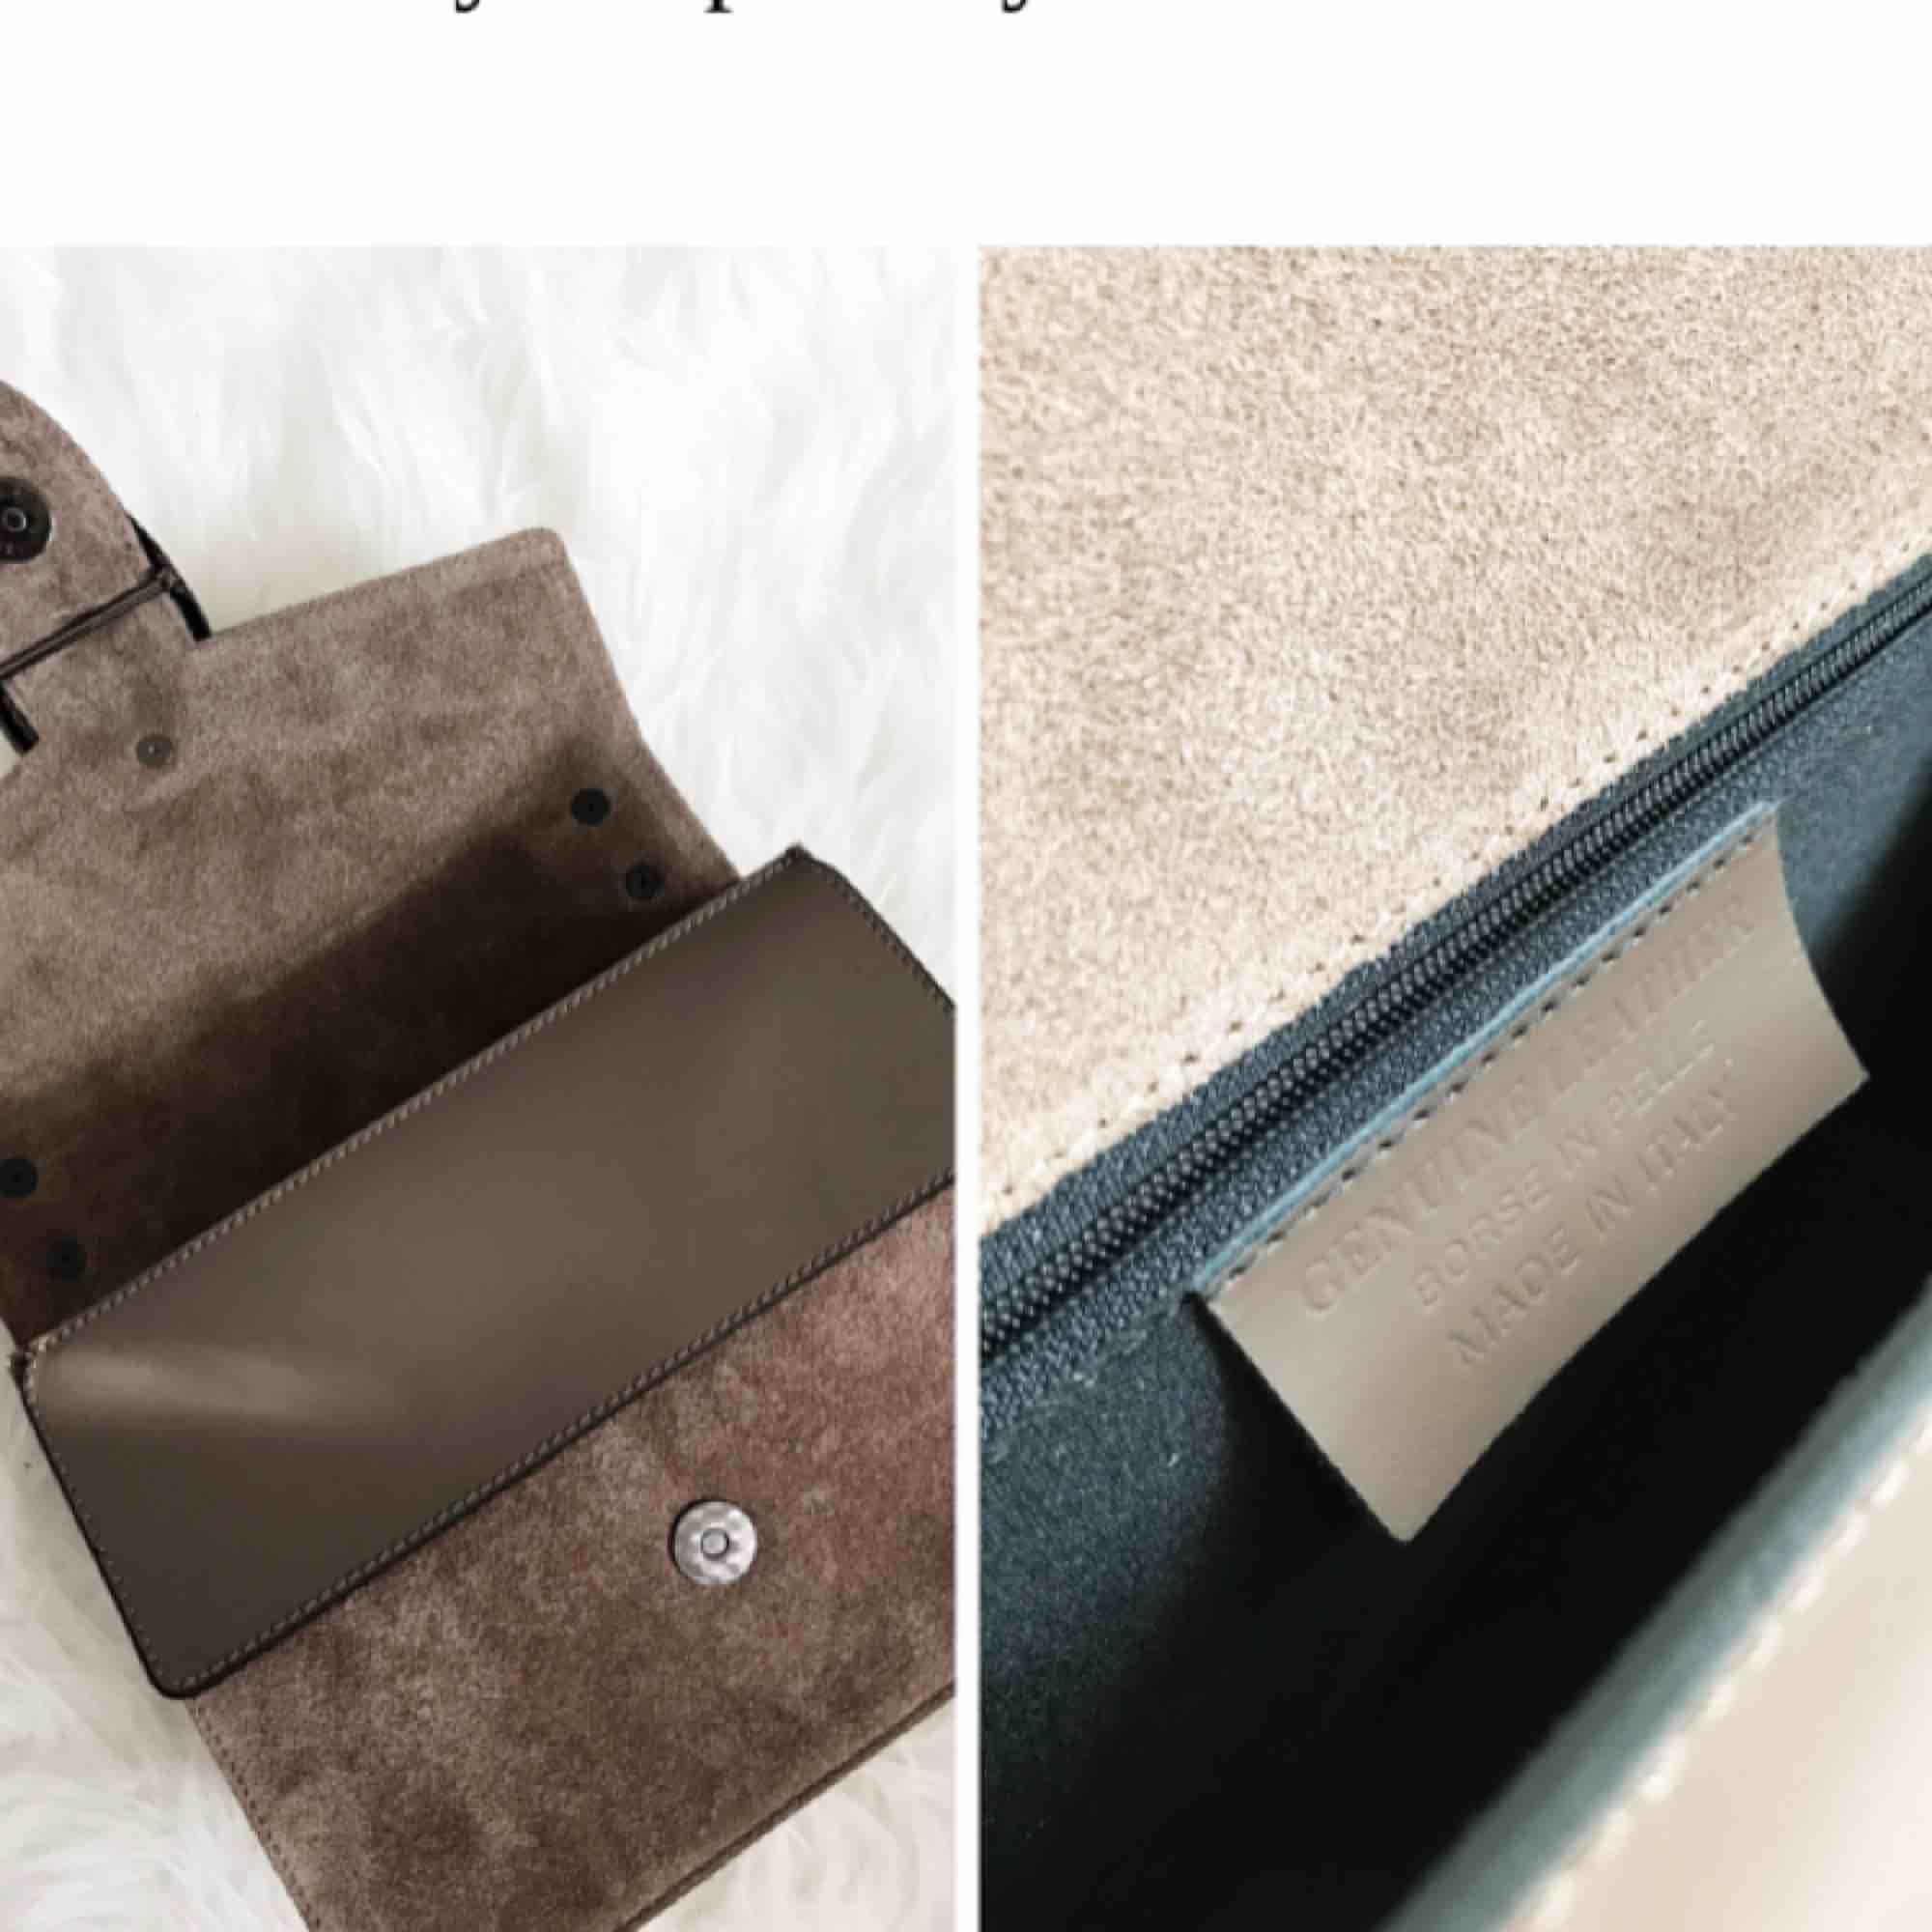 NY! Säljer min super snygga Gucci dupe från Fashion Drug pga kommer inte till användning! Fantastiskt kvalité gjord av äkta ITALIENSK läder/suede! Passar fint till allt och kan bäras på olika sätt: som clutch, axelväska och topphandväska! Frakt ingår!. Accessoarer.